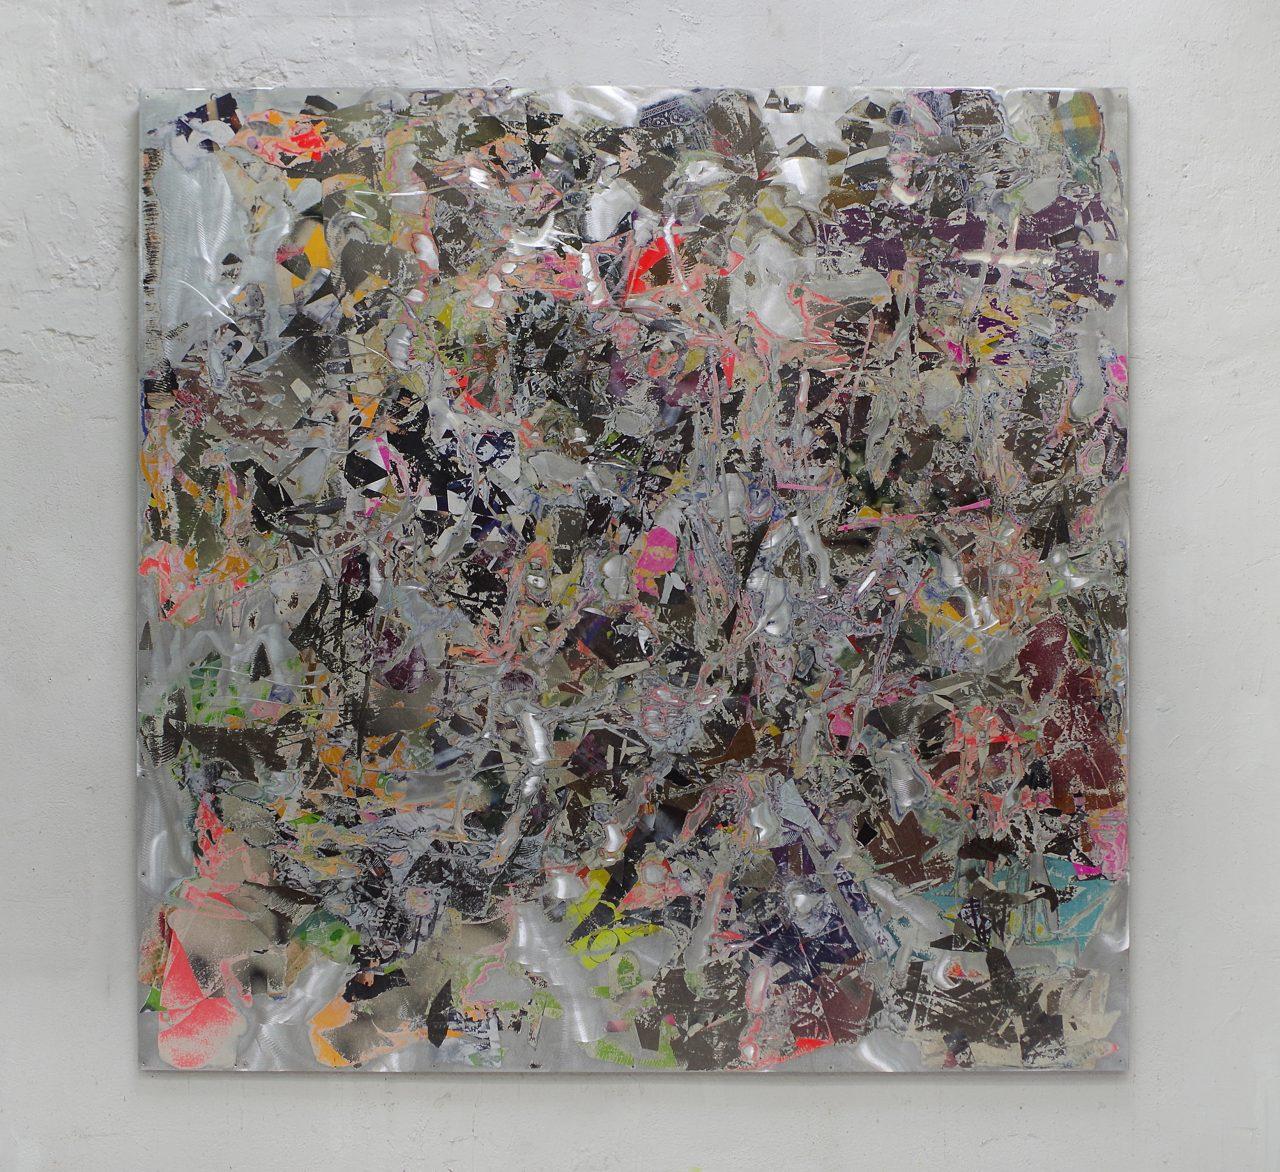 2017, Acryl, Spraypaint, Papier, Aluminium, Keilrahmen 200 x 200 cm